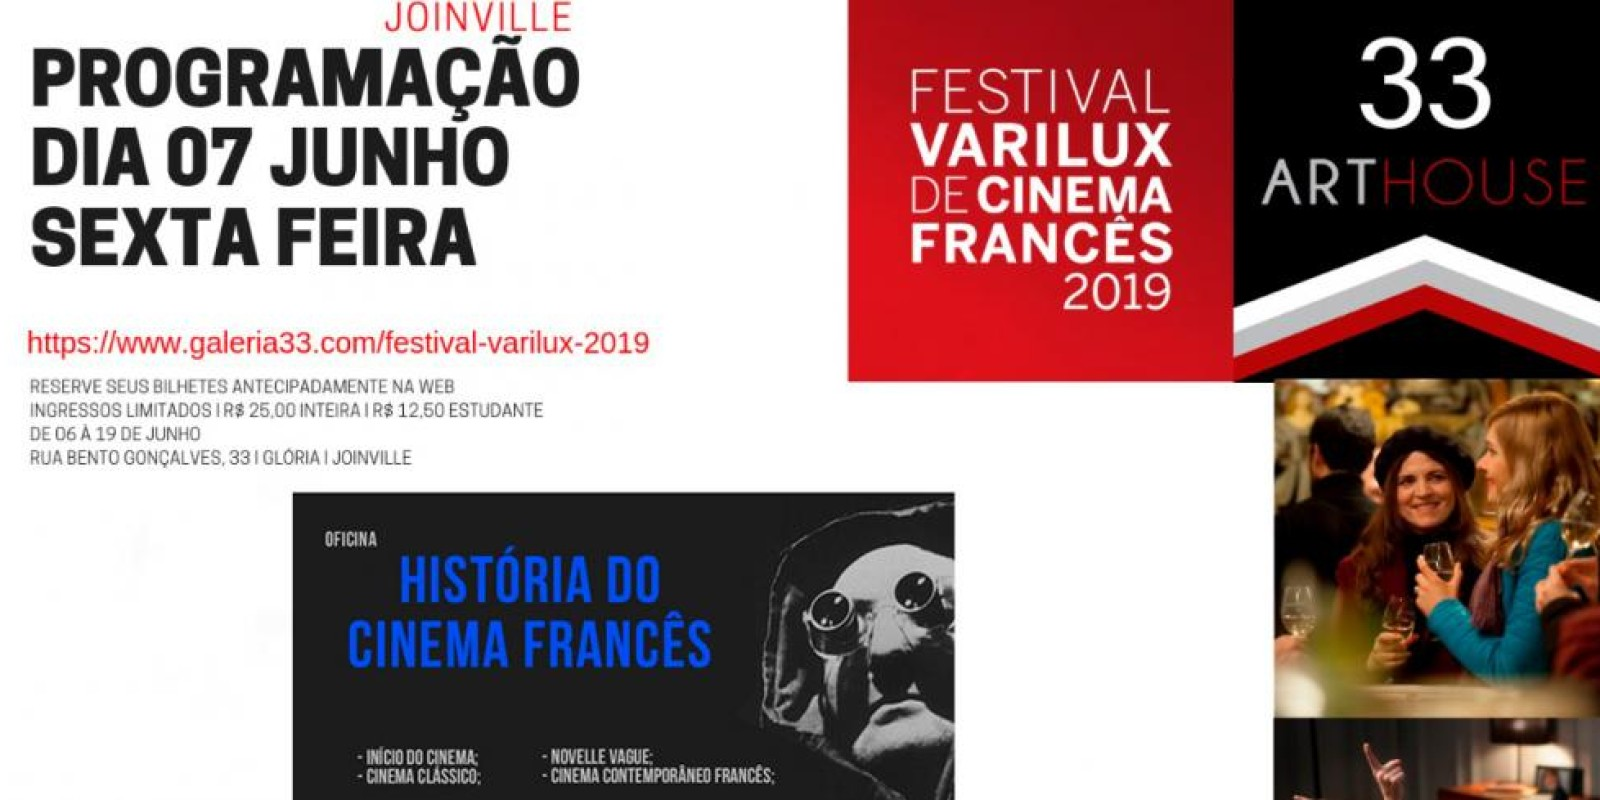 A 33Arthouse recebe no mês de junho o maior festival de cinema francês do mundo